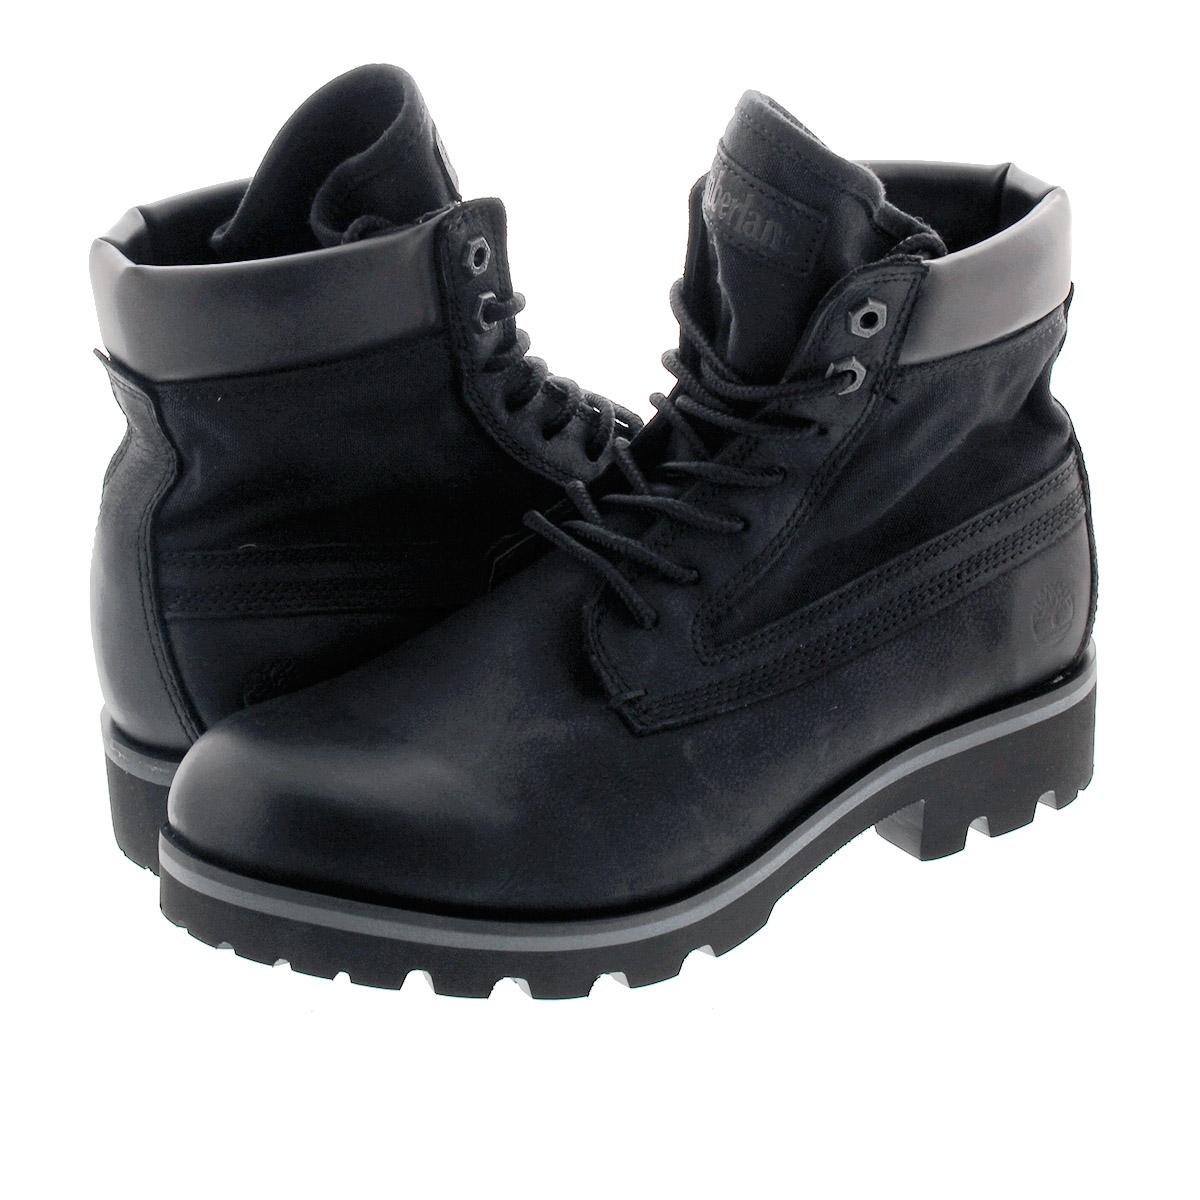 【毎日がお得!値下げプライス】 TIMBERLAND RAW TRIBE 6inch BOOT ティンバーランド ロー トライブ 6インチ ブーツ BLACK a283m